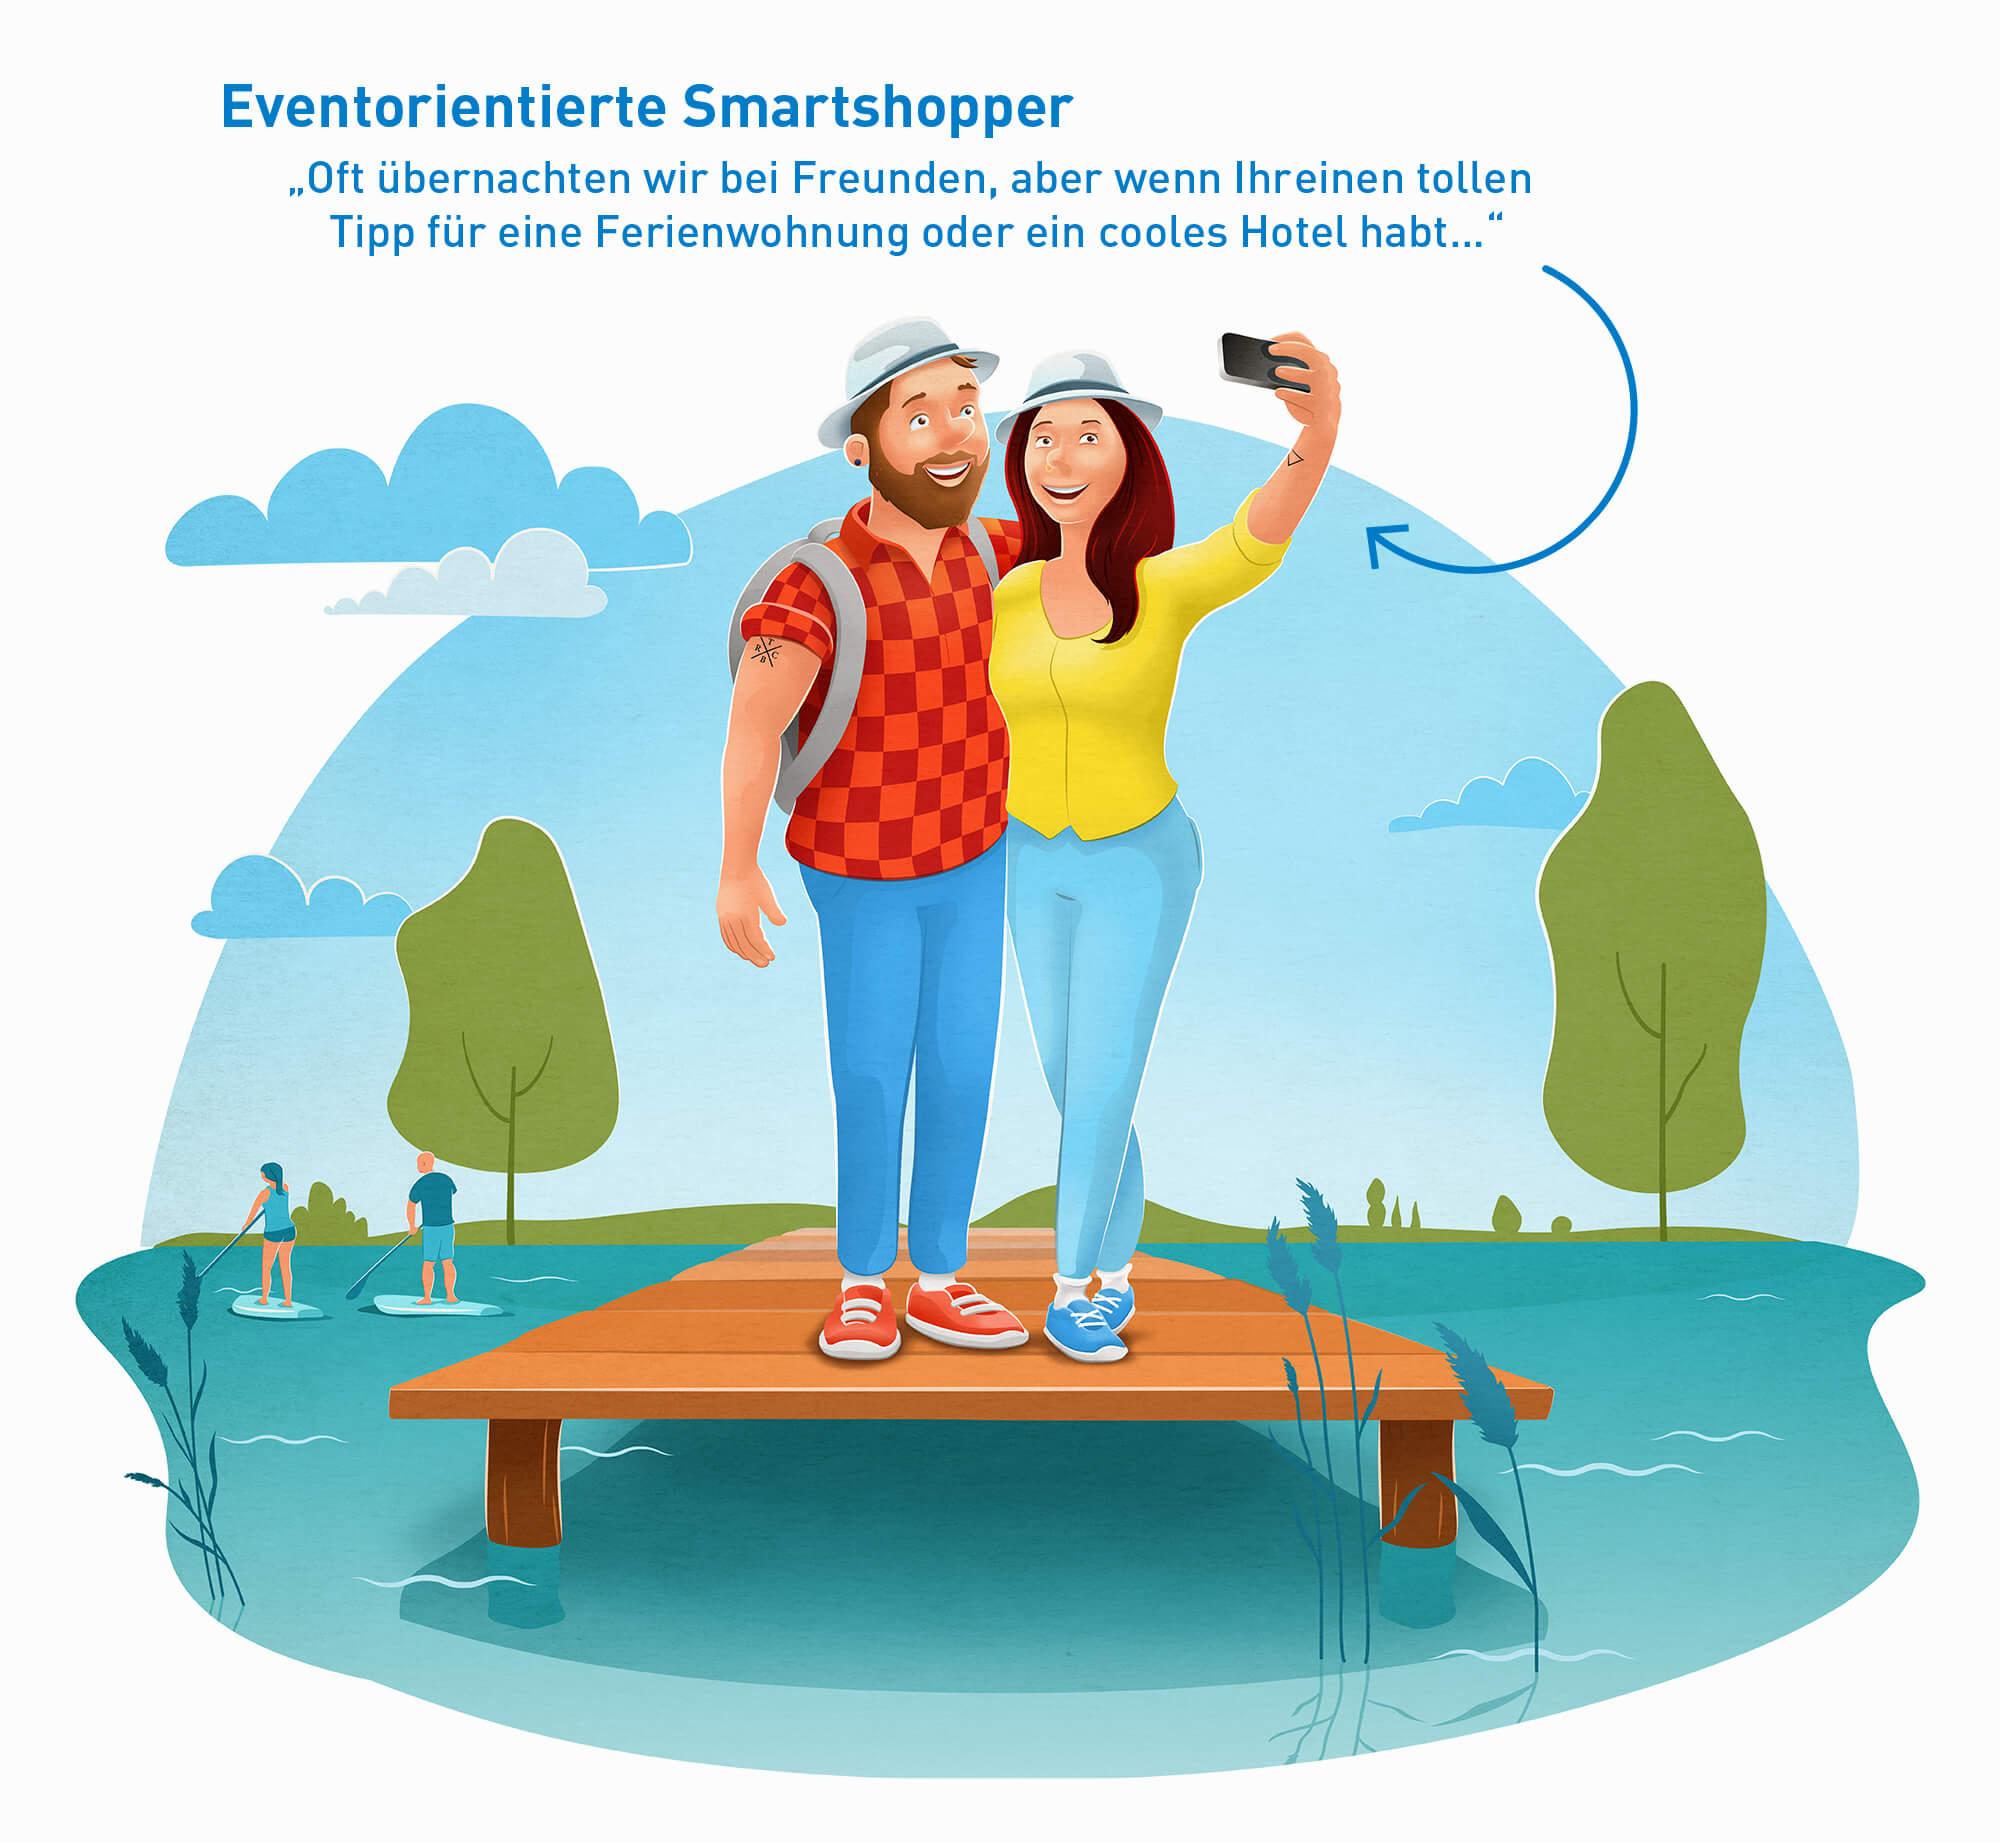 """Illustration der touristischen Zielgruppe """"Eventorientierte Smartshopper"""" mit kleinerem Urlaubsbudget"""